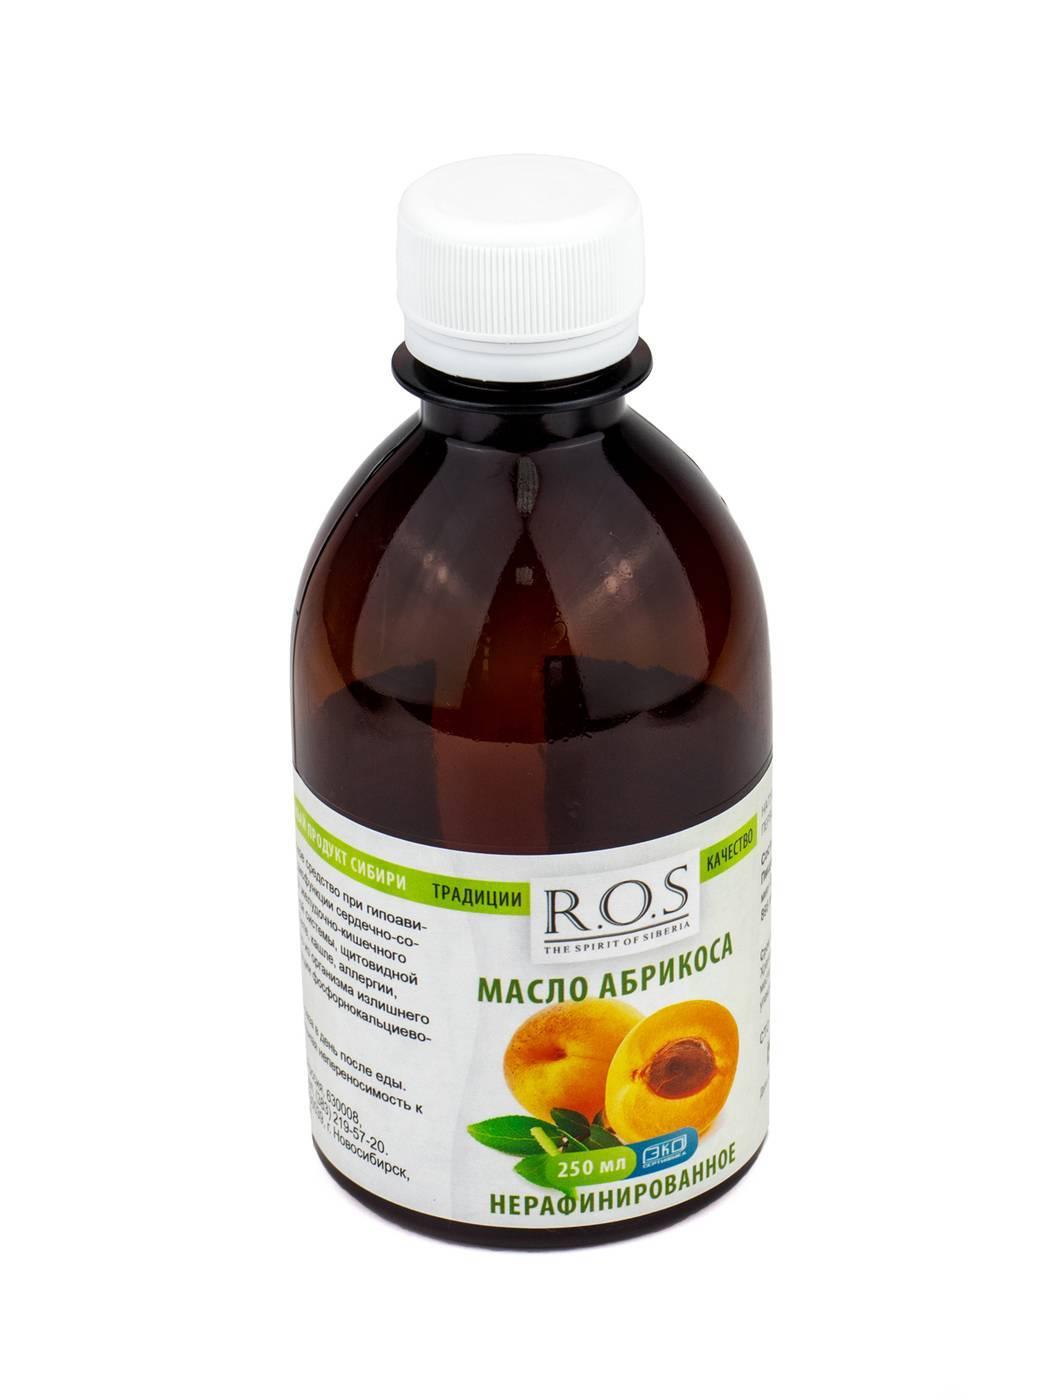 Абрикосовое масло для горла